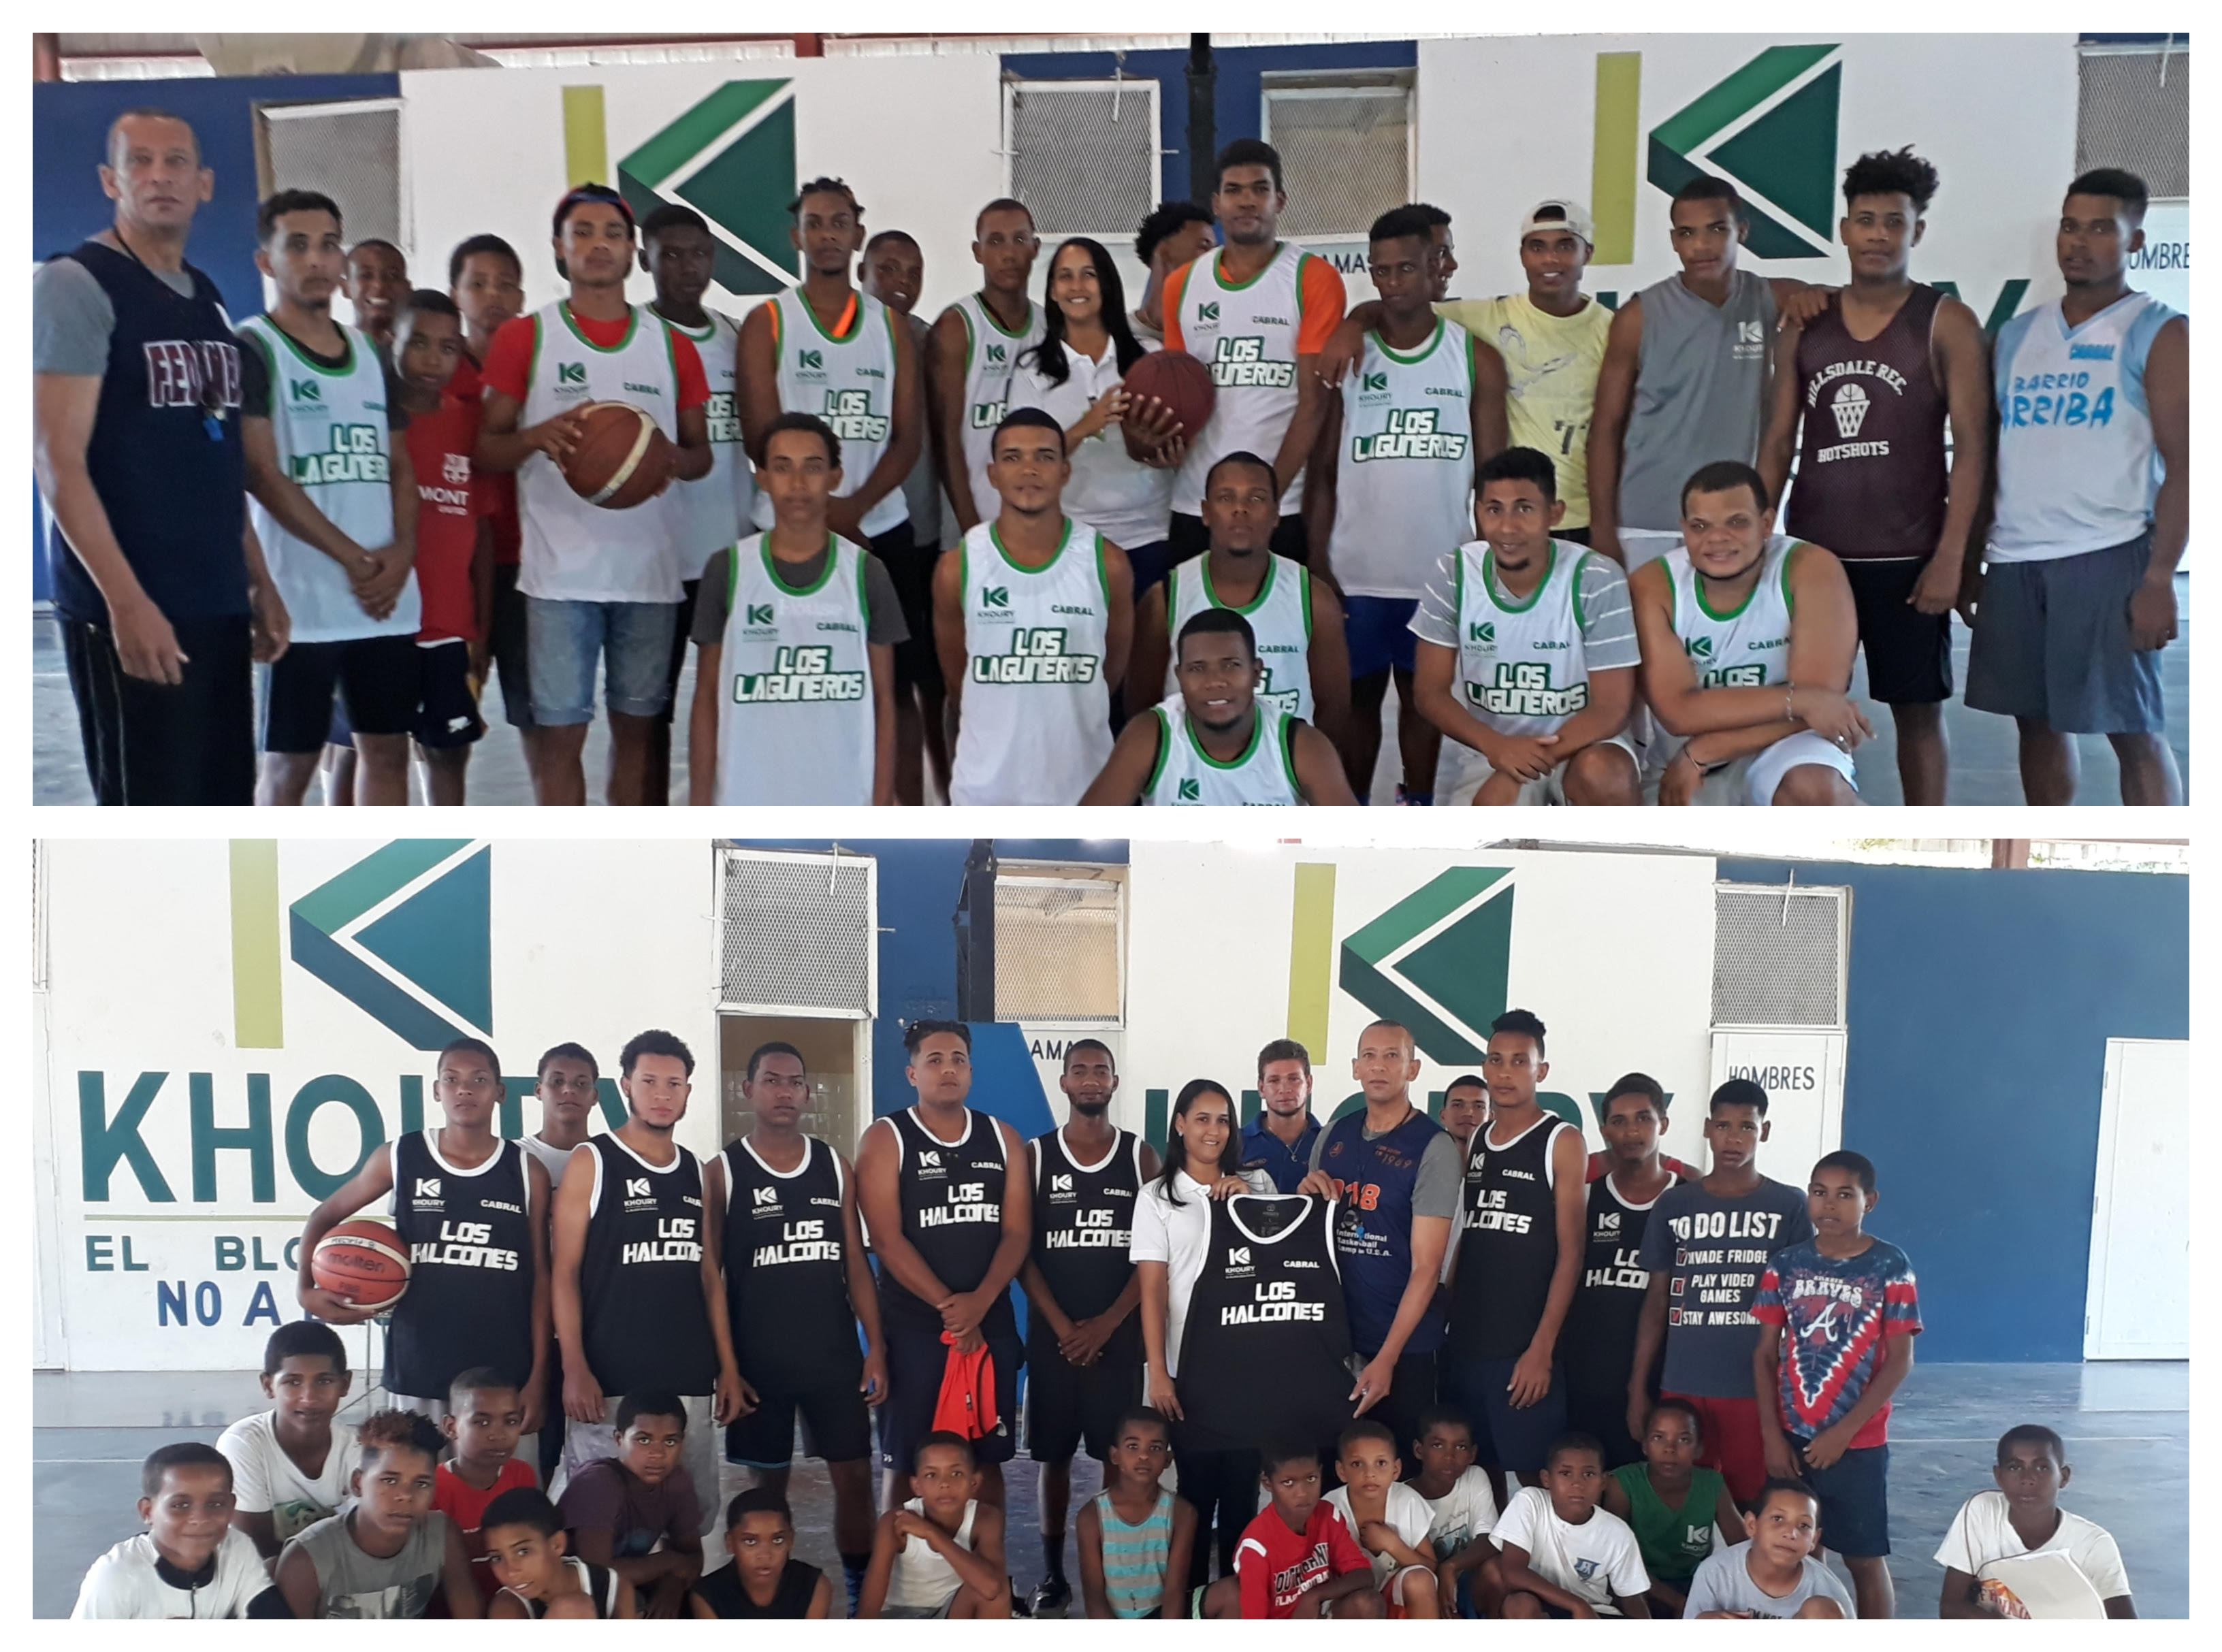 Khoury Industrial Aporta a la celebración Torneo Sub-25 Baloncesto